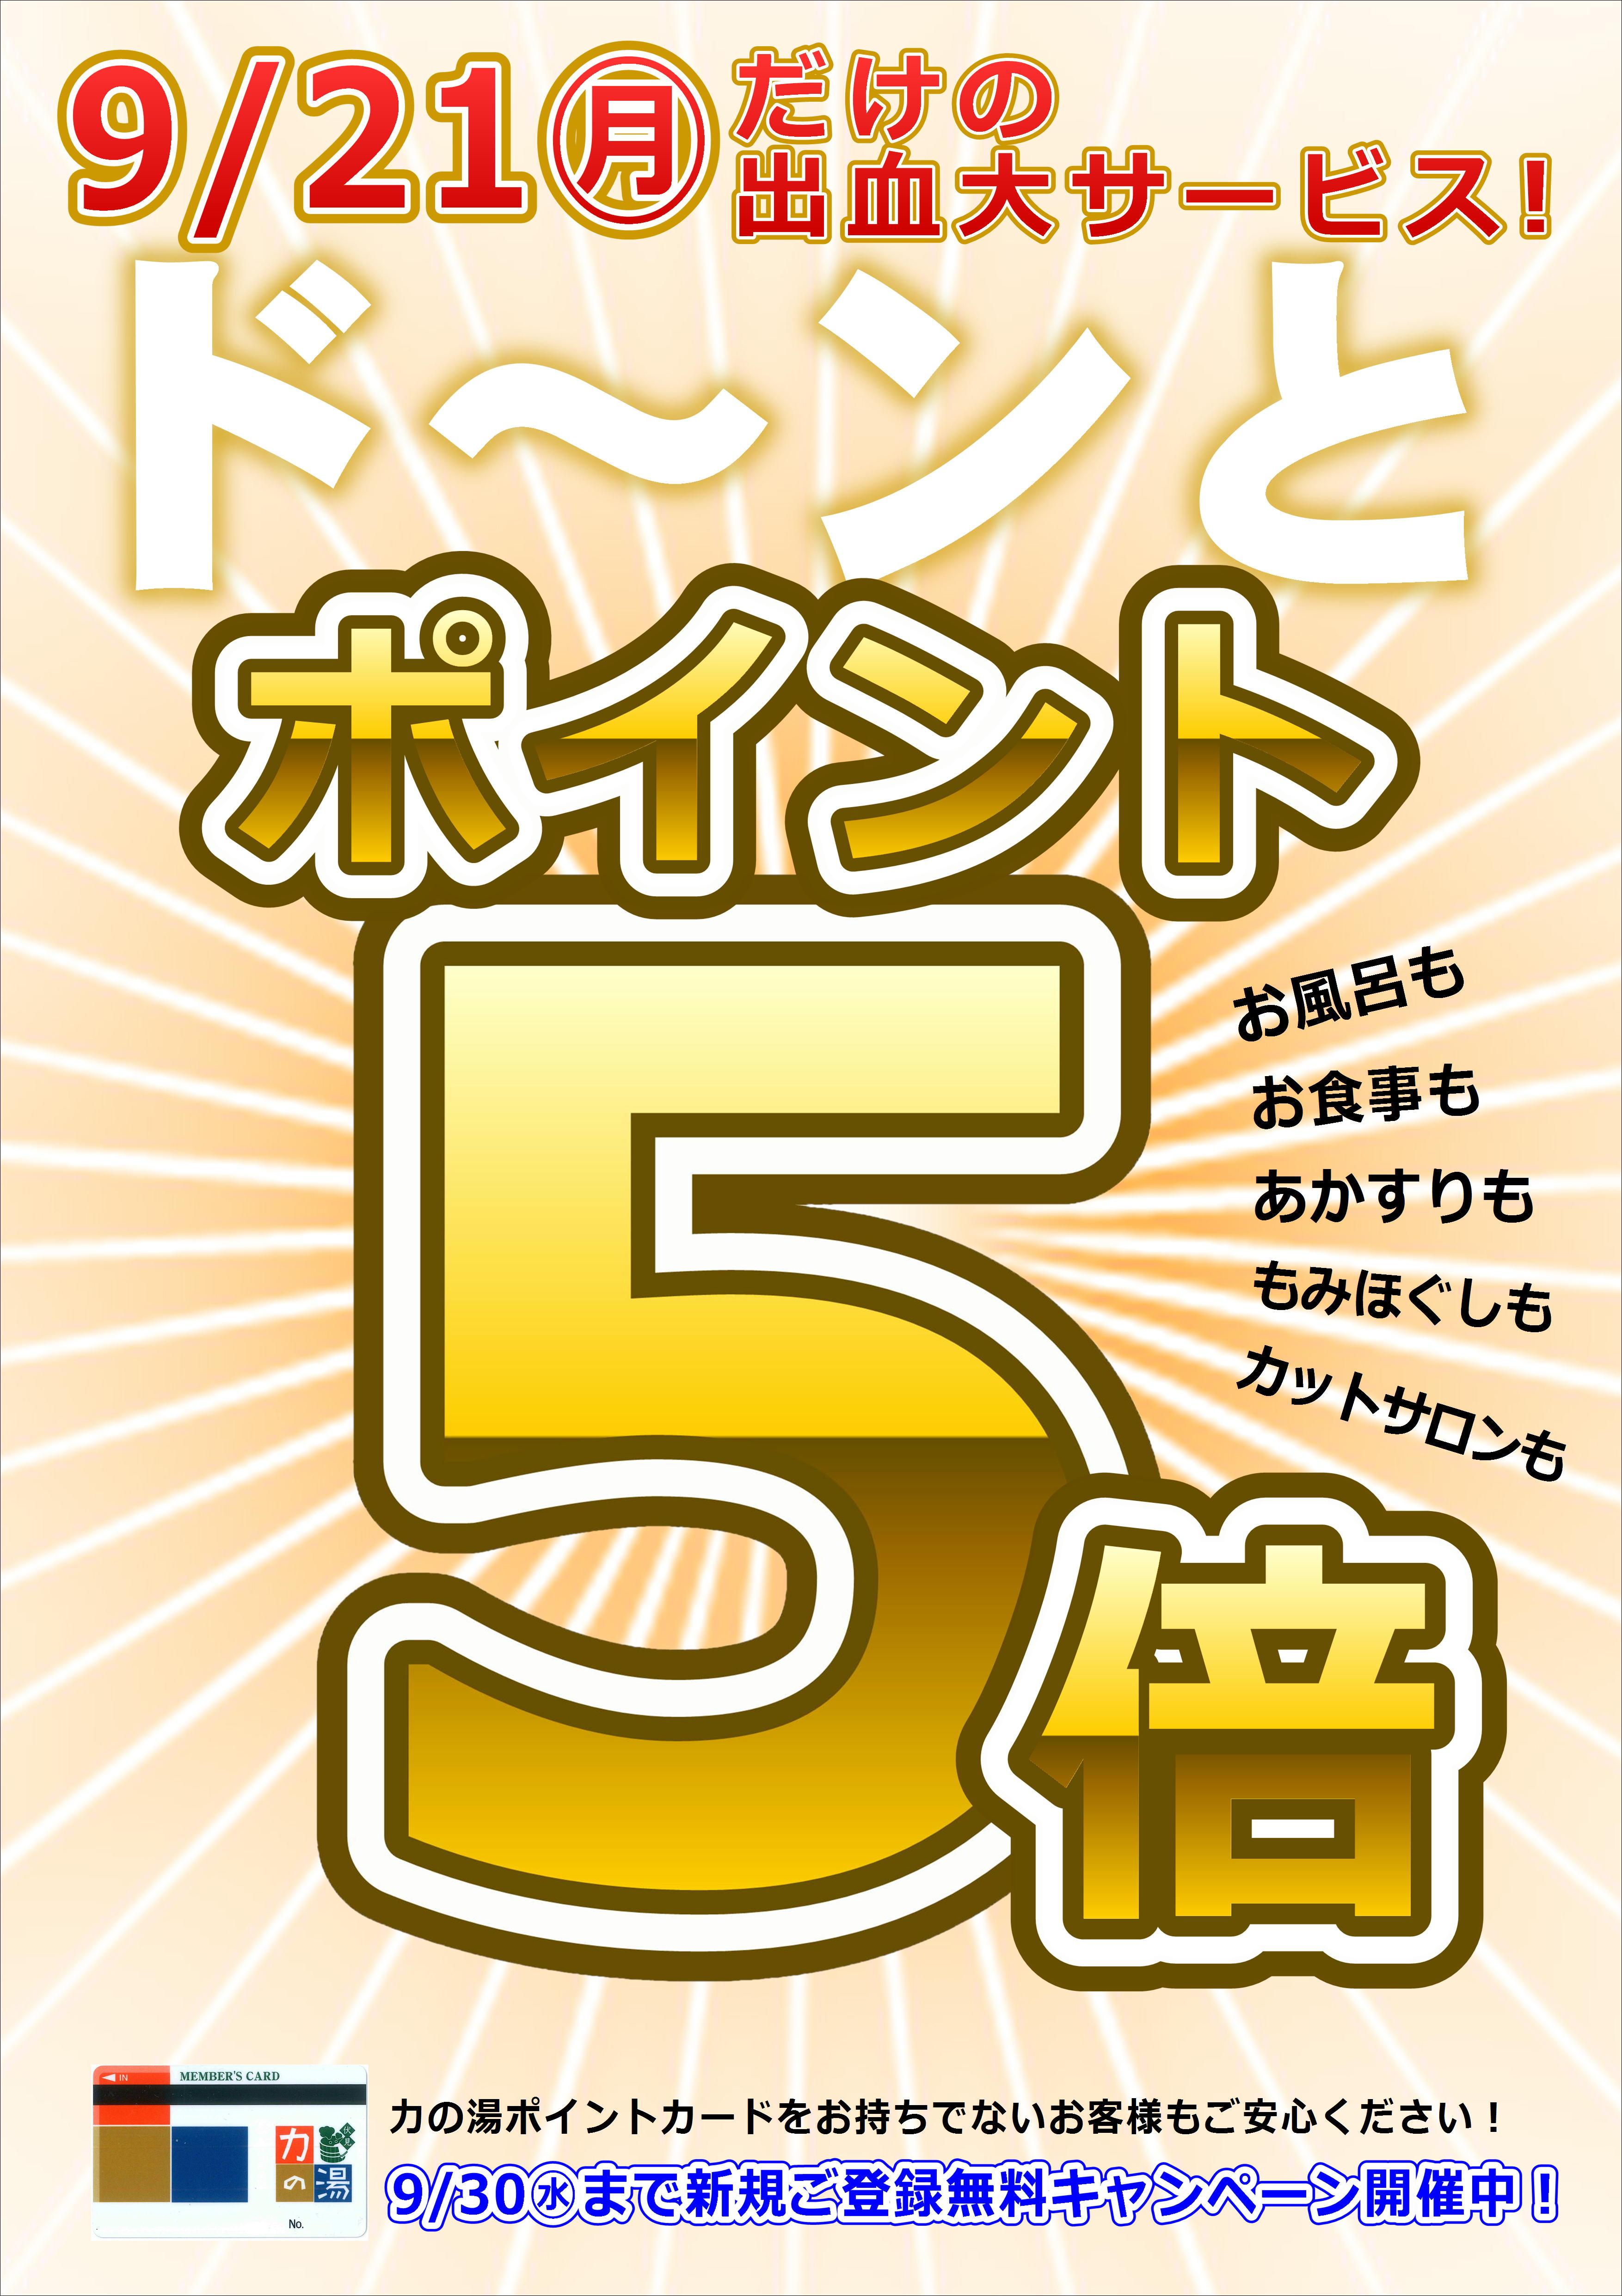 力の湯ポイントカード5倍DAY!?